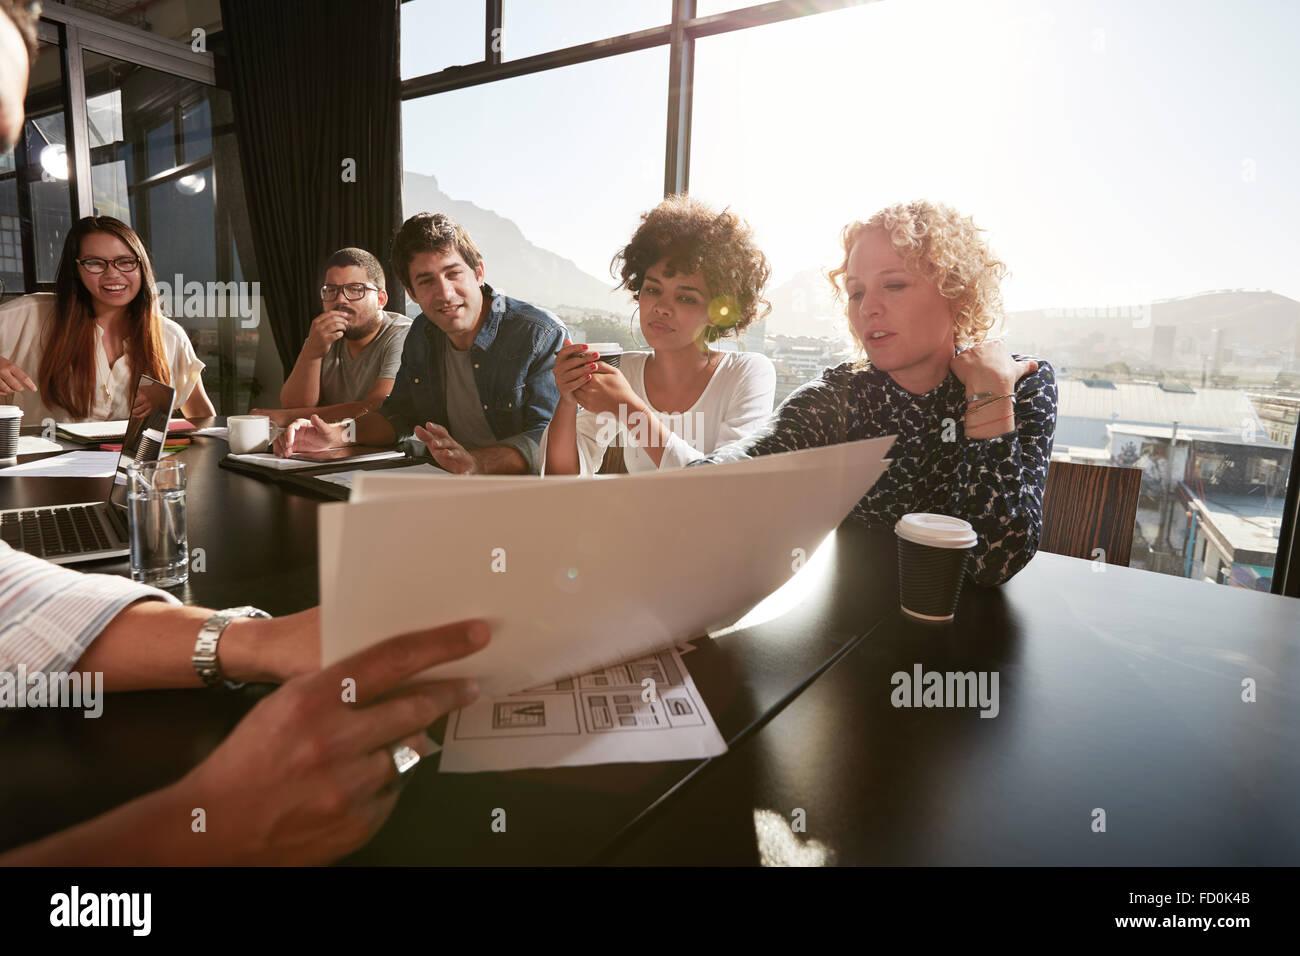 Acercamiento de las manos del joven explicando plan de negocios a sus colegas. Las personas creativas en la sala Imagen De Stock